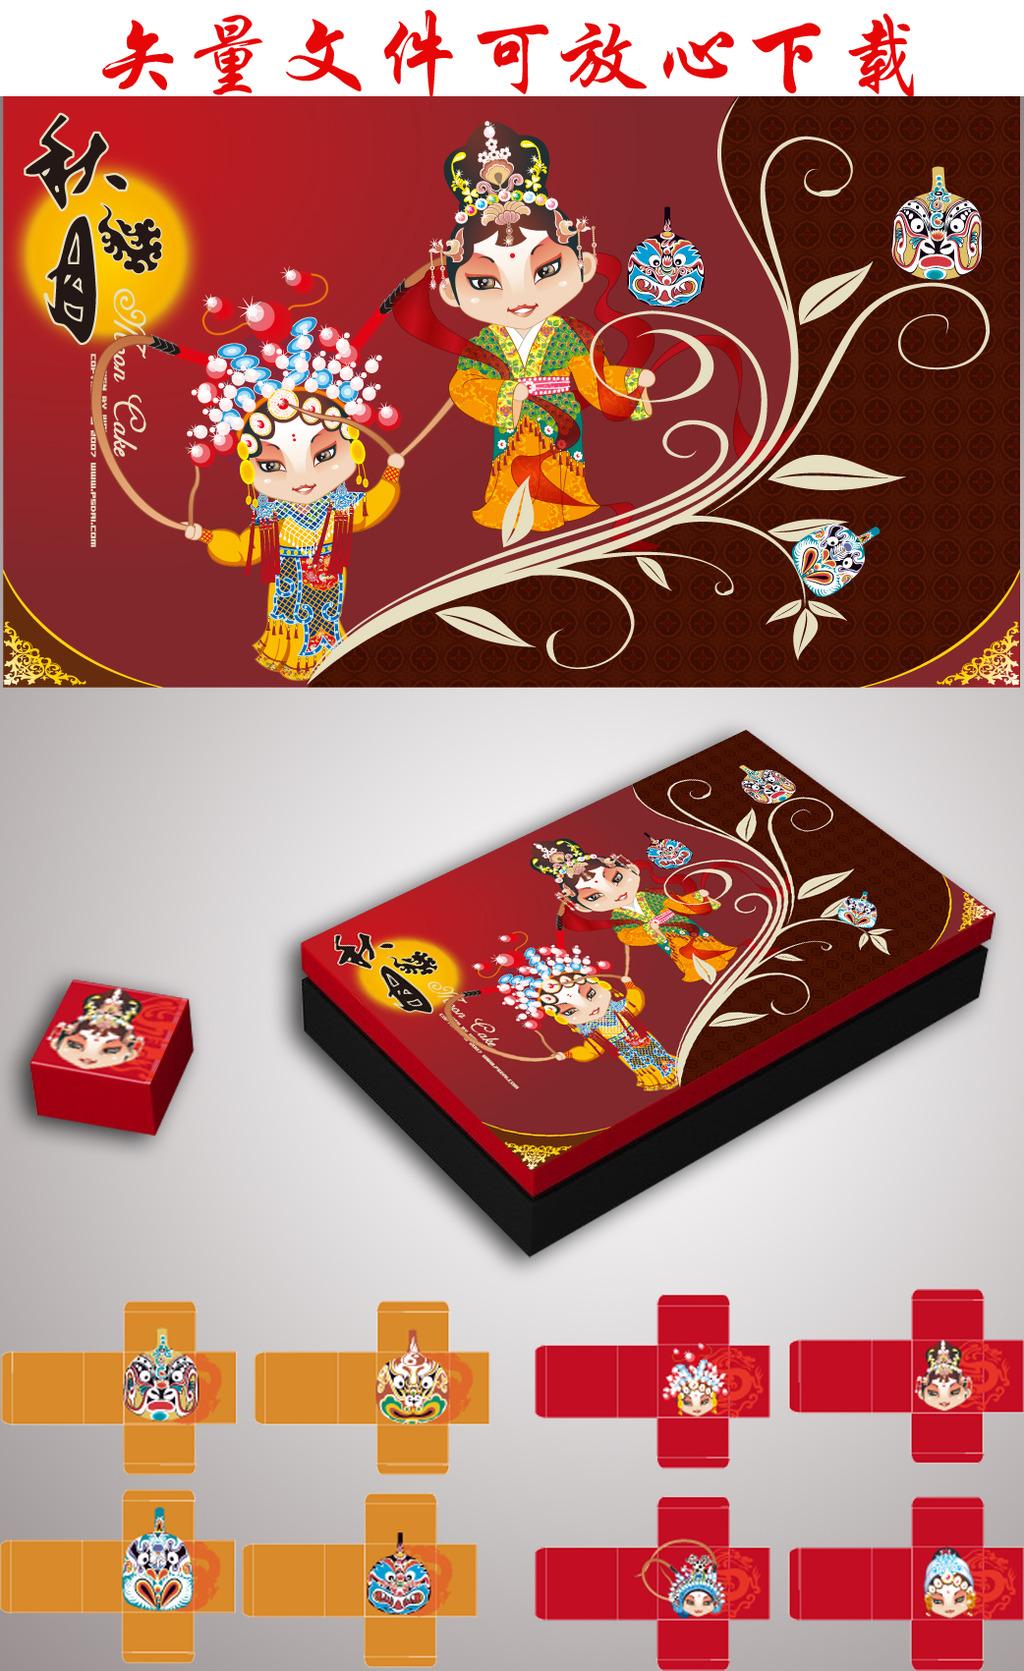 时尚月饼礼盒设计 京剧月饼礼盒 脸谱月饼礼盒 月饼包装设计中秋节图片